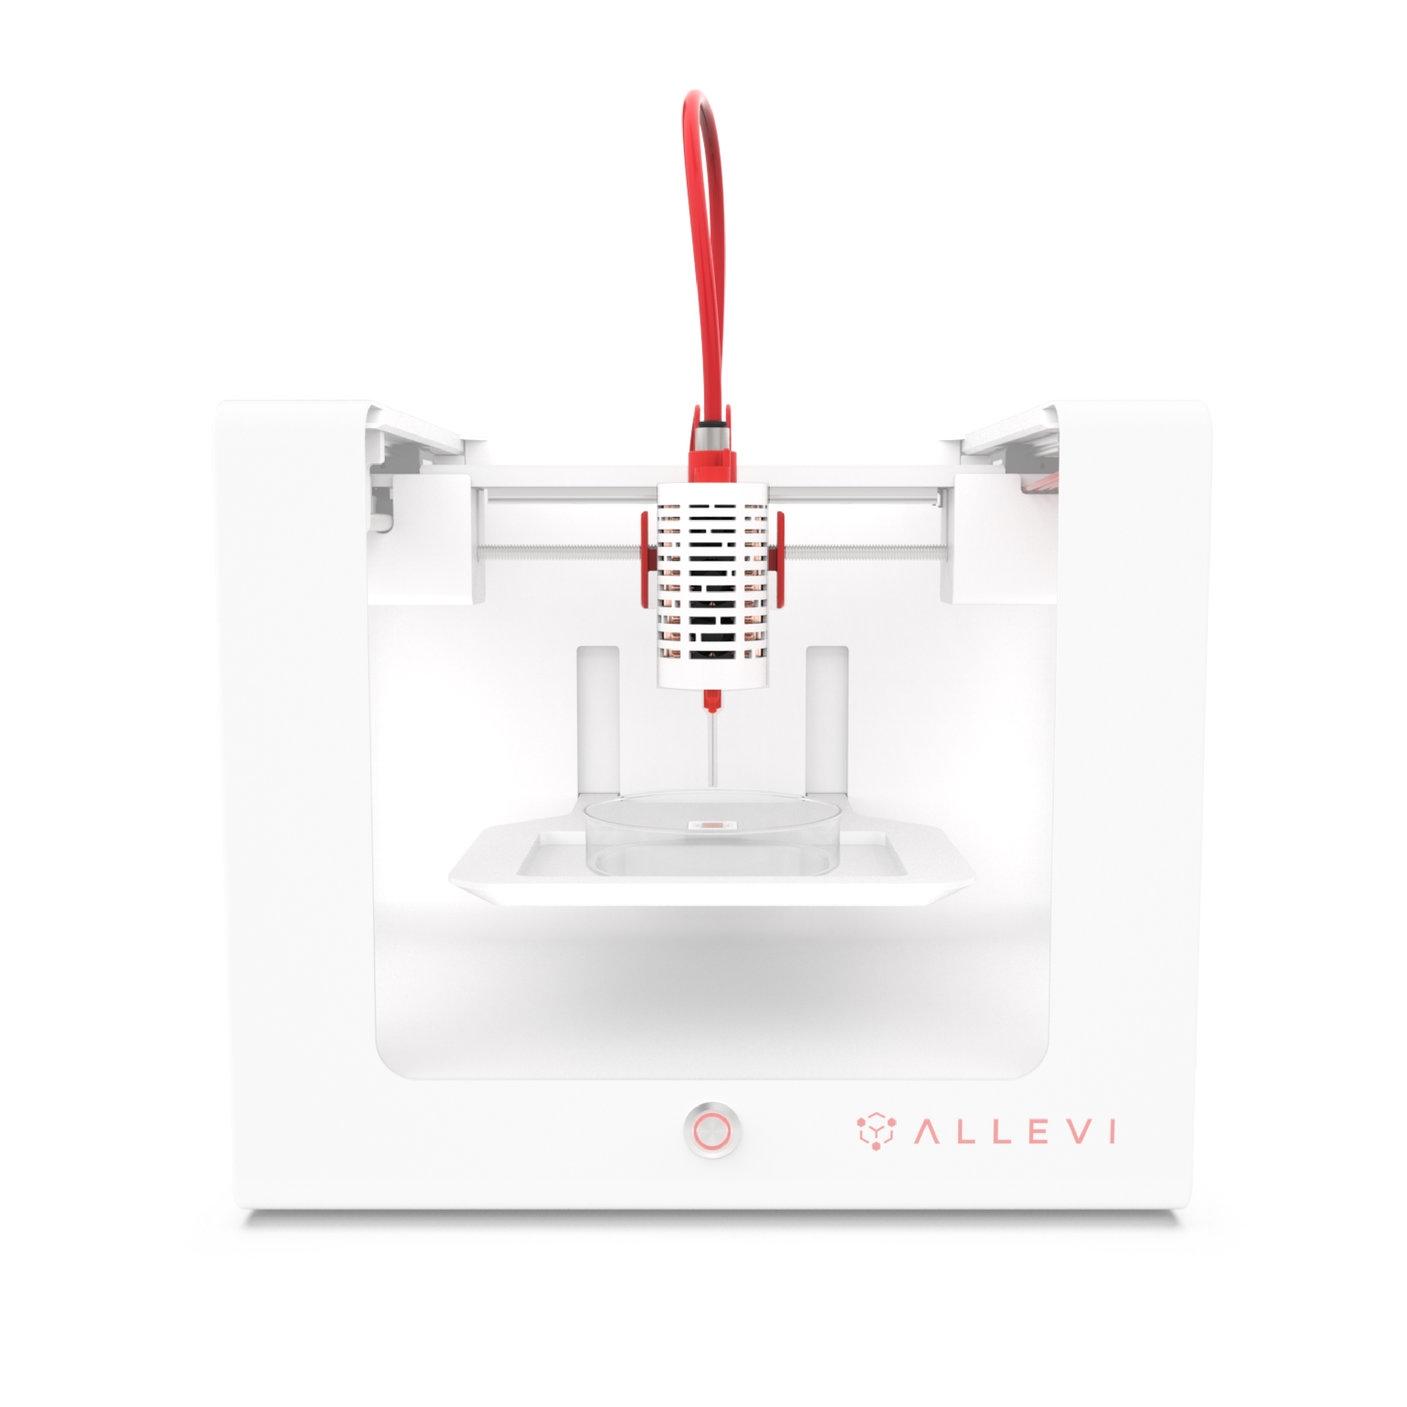 allevi1 bioprinter bioprinting 3d bioprint